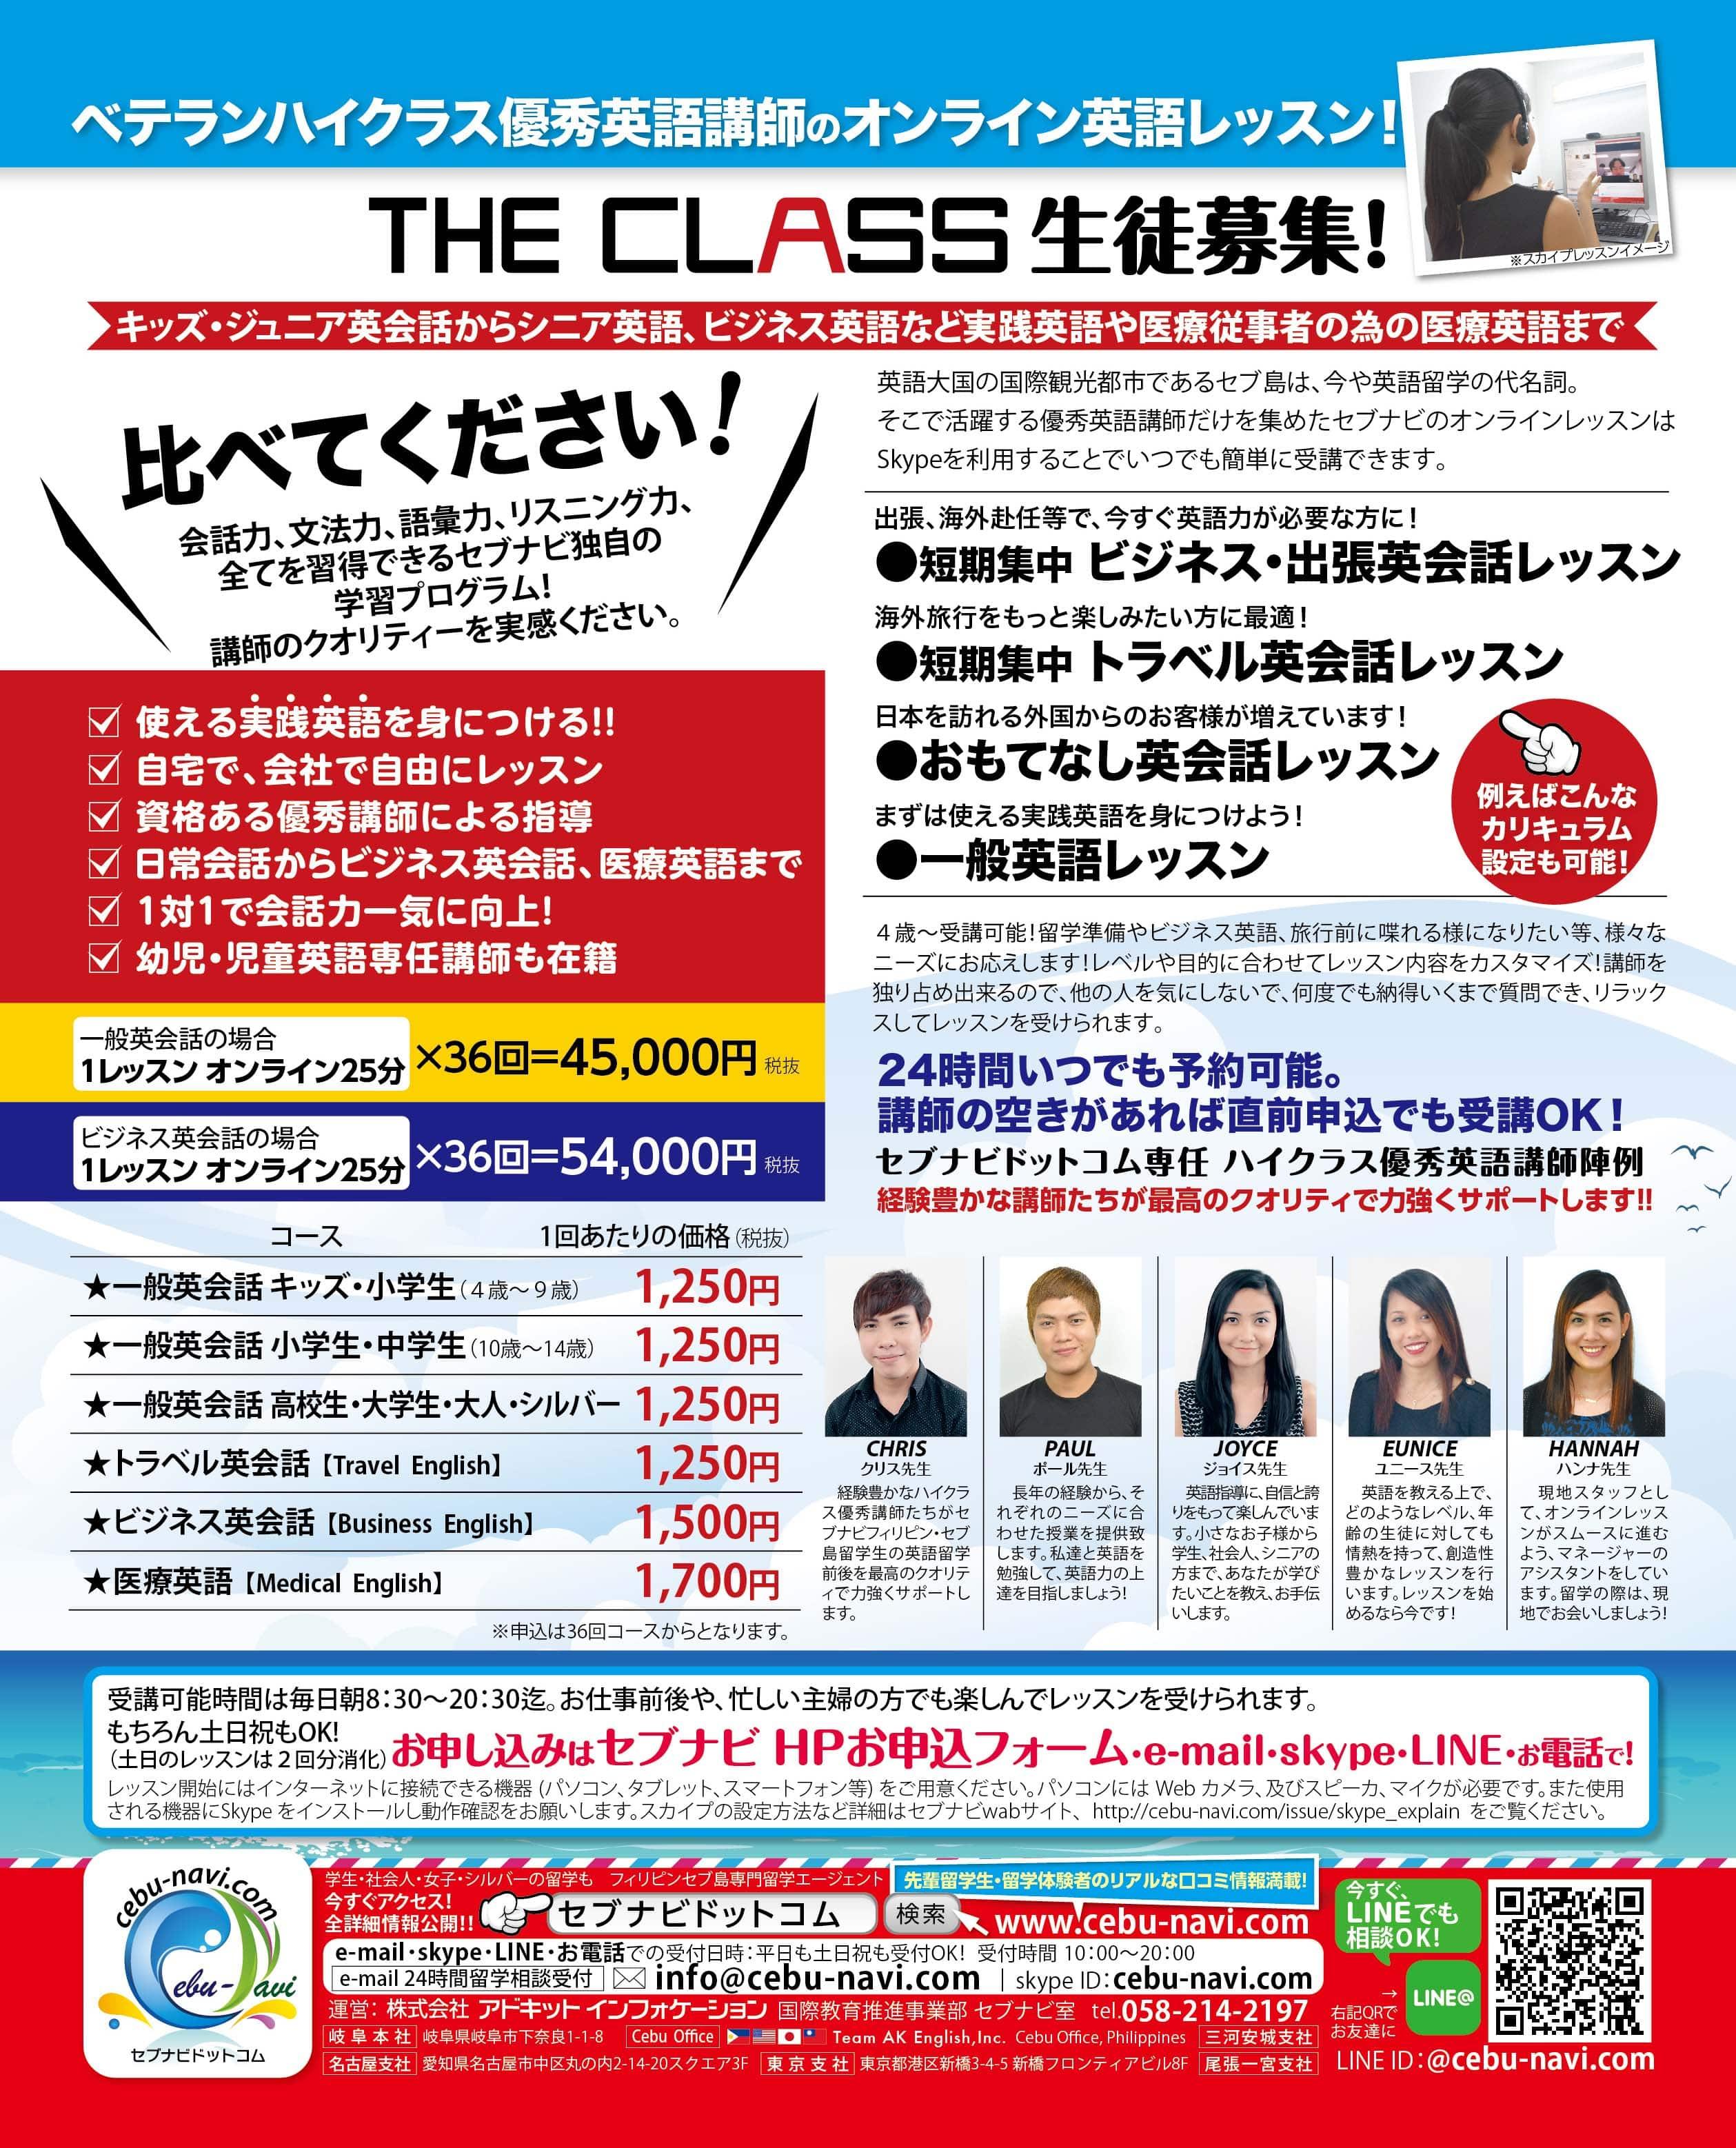 ベテランハイクラス優秀英語講師のオンライン英語レッスン!